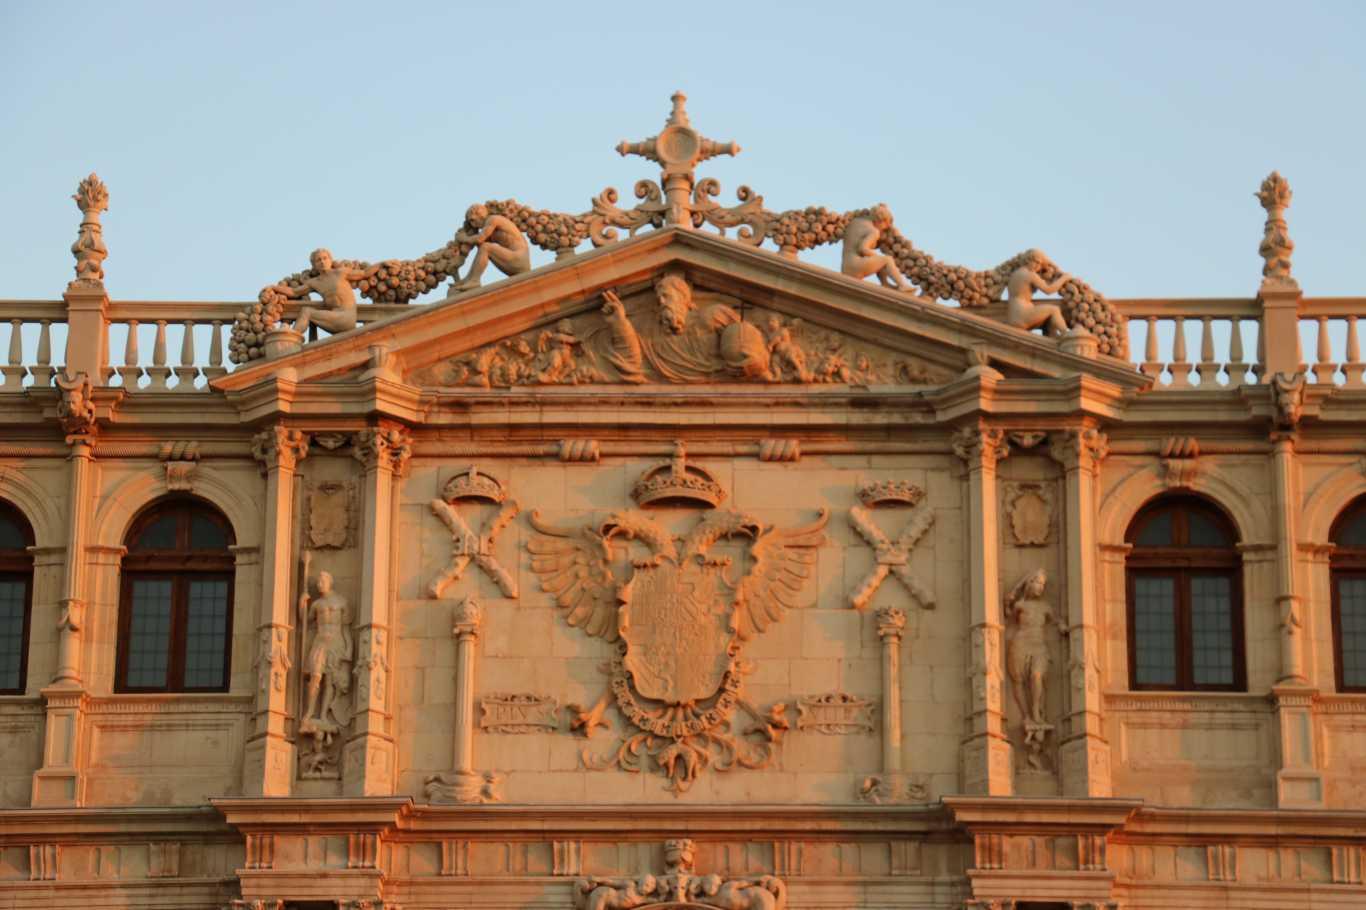 La fachada de la universidad de alcal dream alcal for Tanatorio jardin alcala de henares